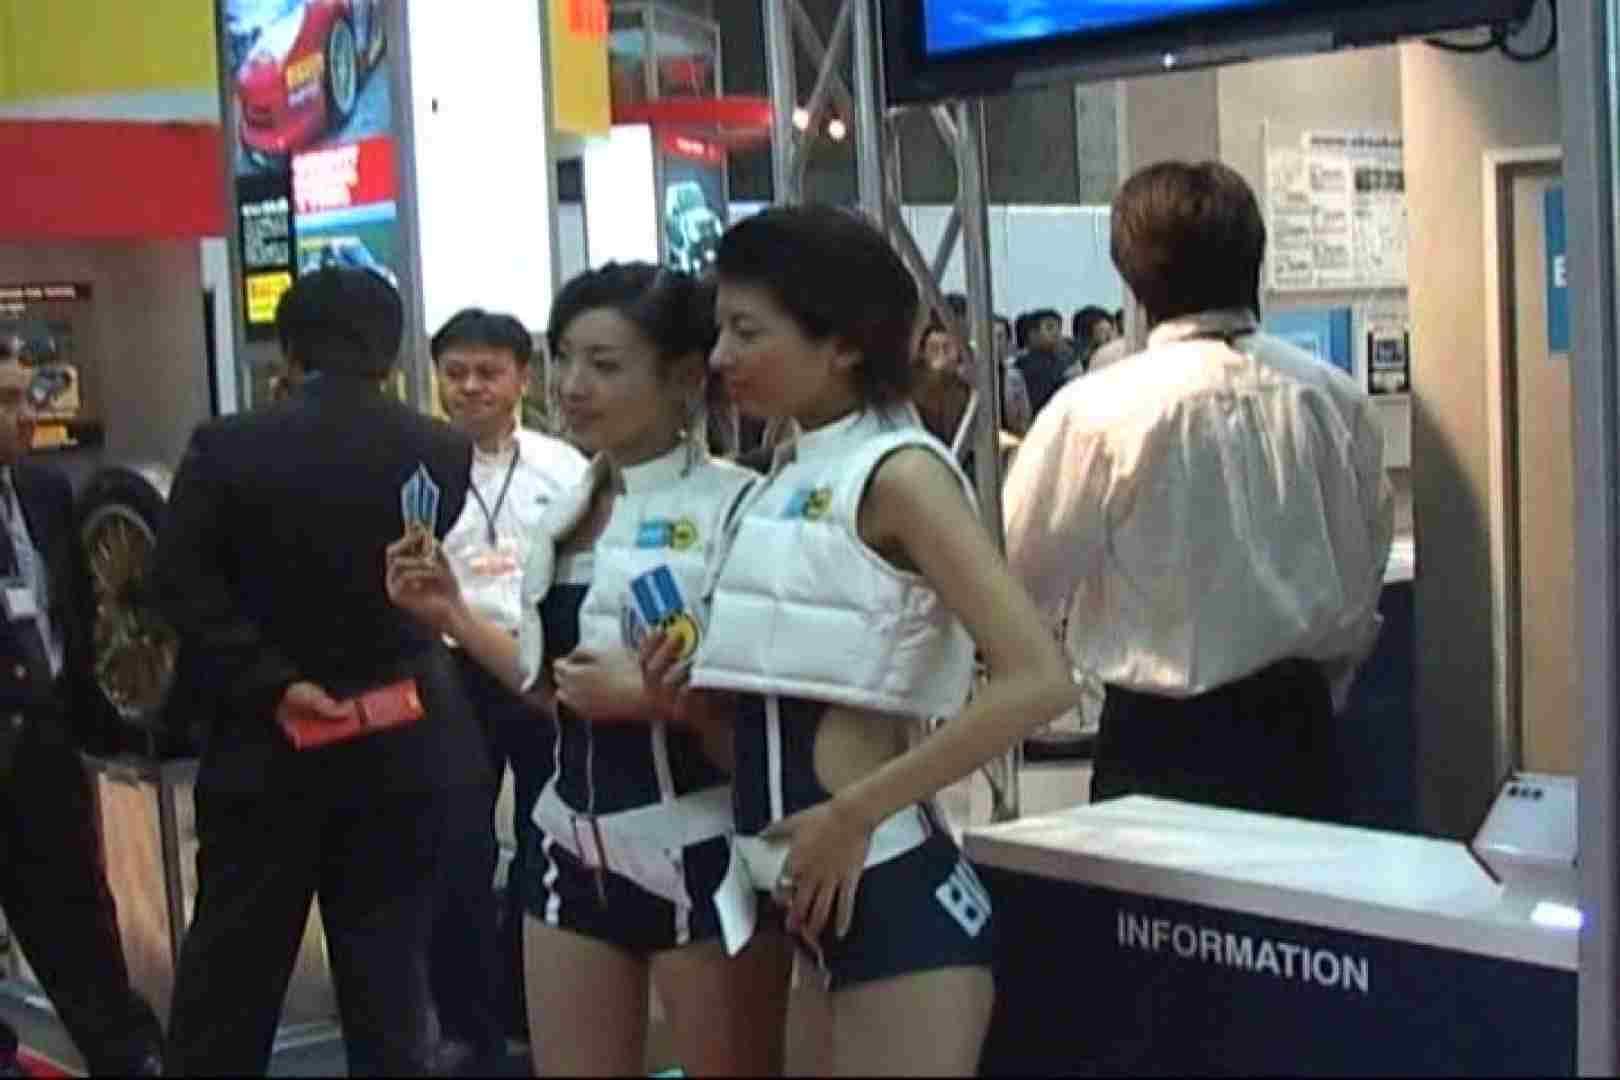 高画質版!SPD-046 ザ・コンパニオン 03'東京モーターショー 高画質 盗撮ヌード画像 53画像 8